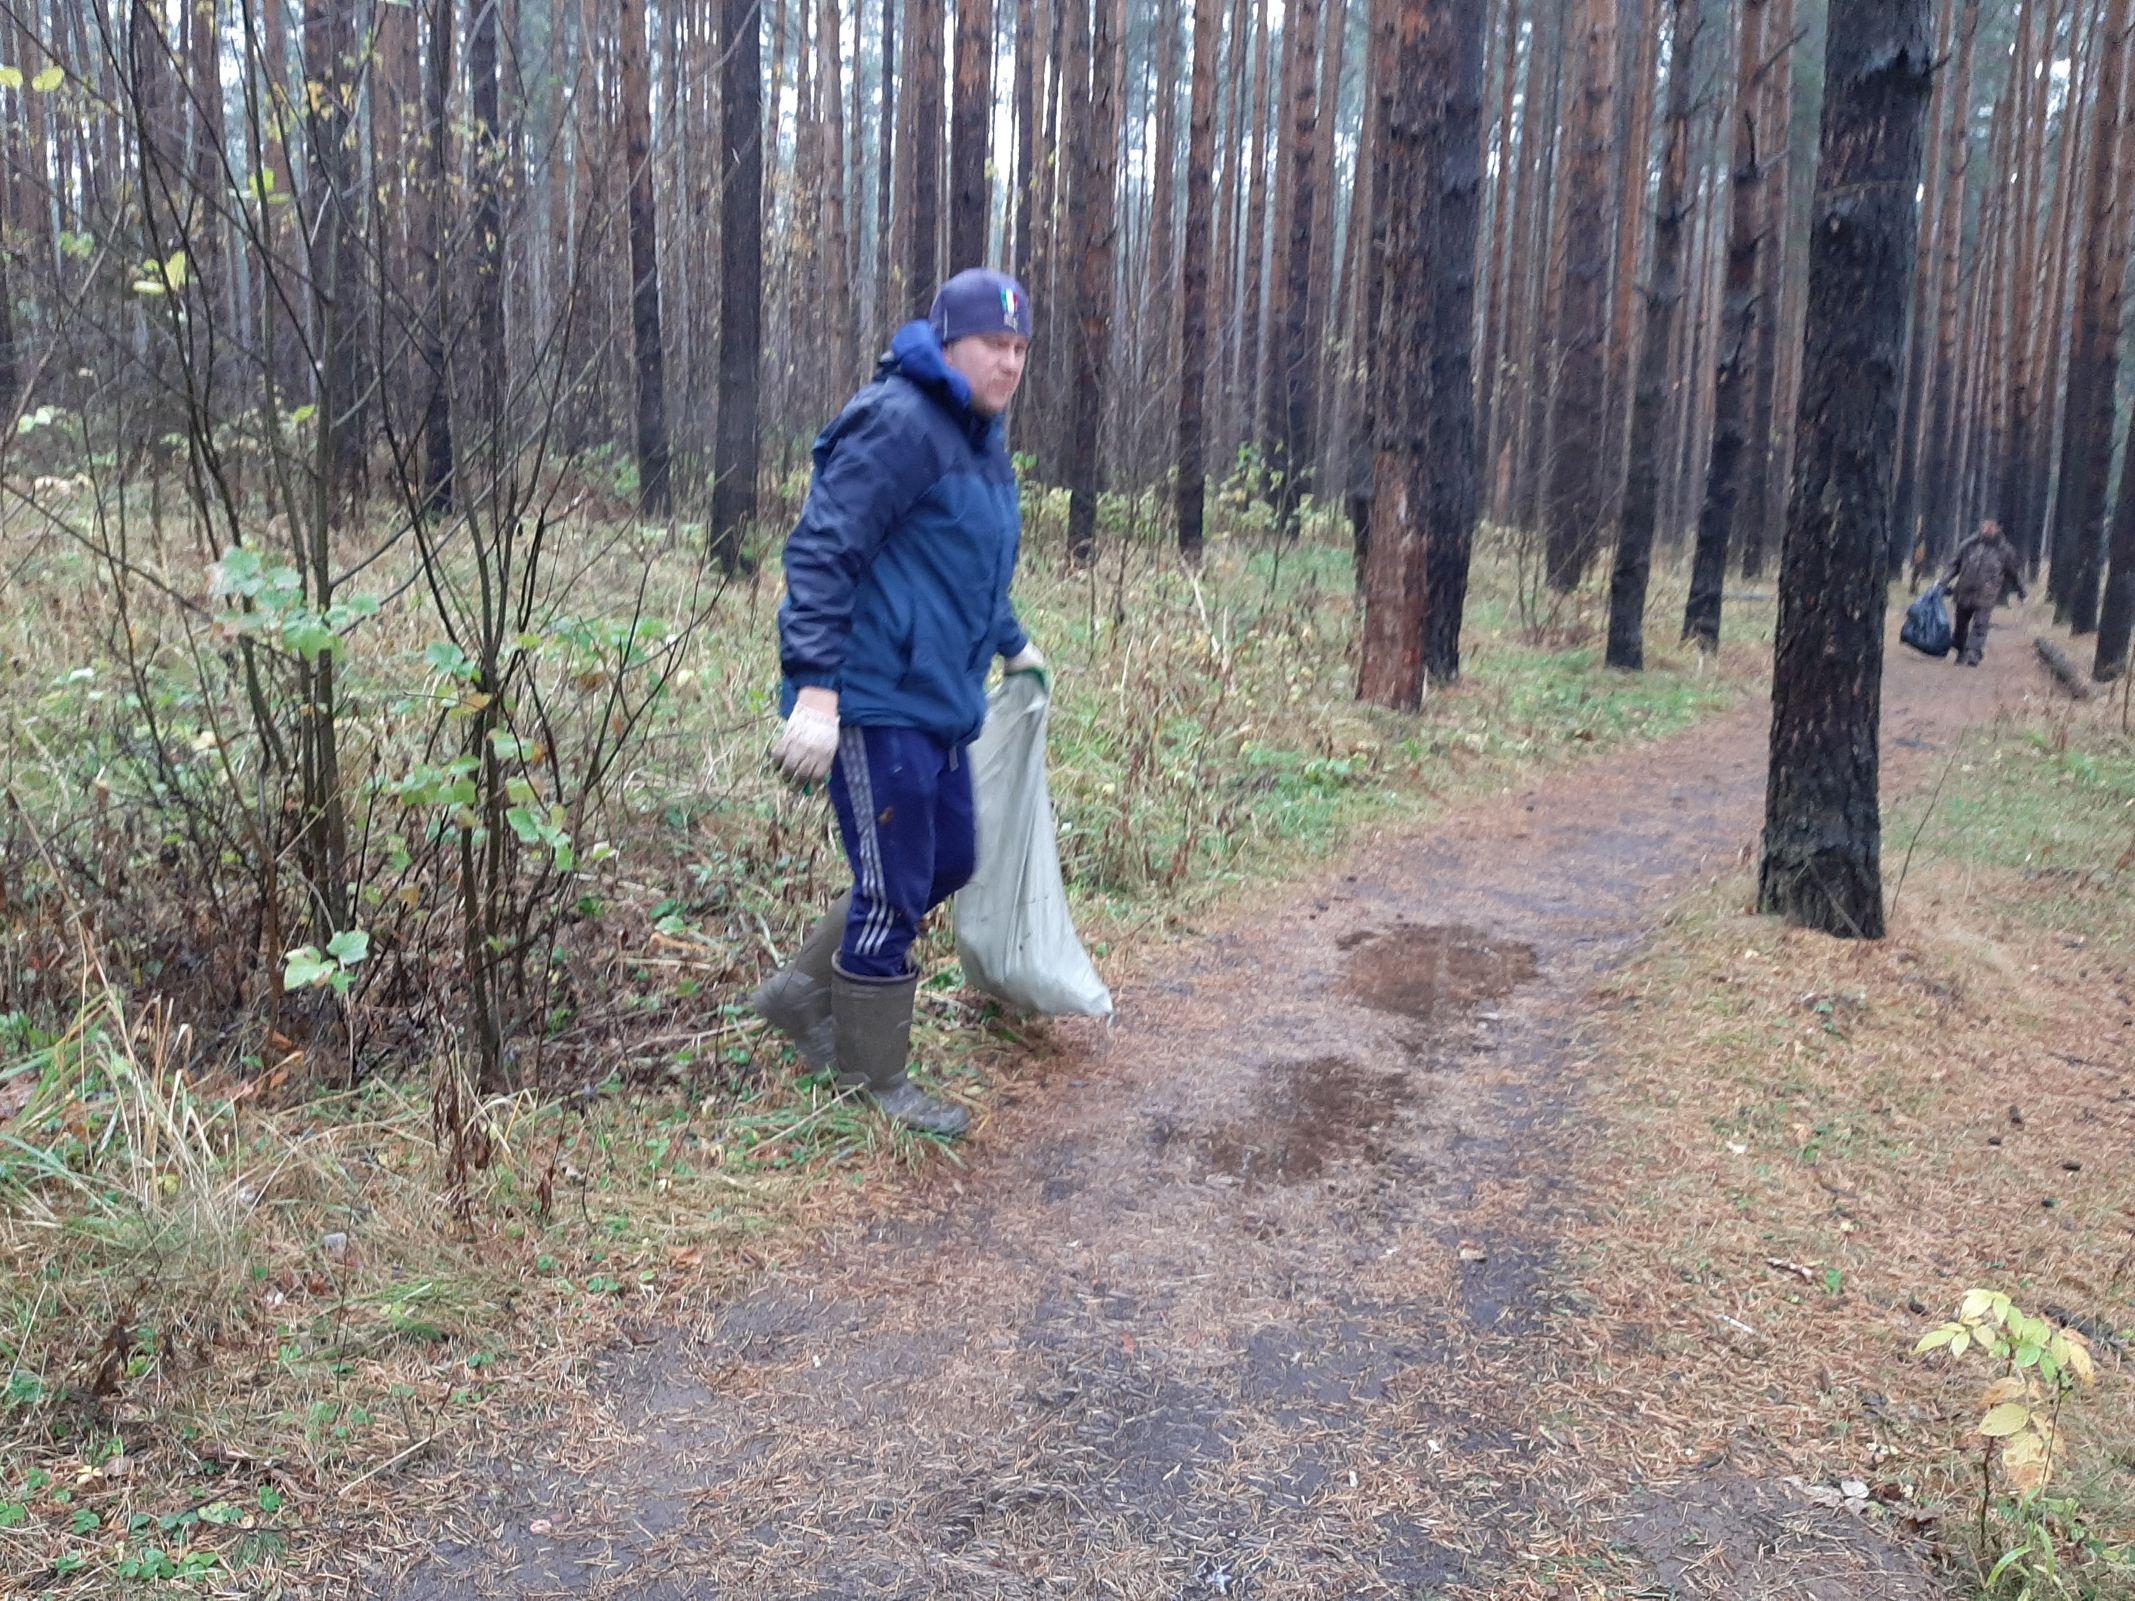 С начала года из лесов Ярославской области вывезли около 870 кубометров мусора